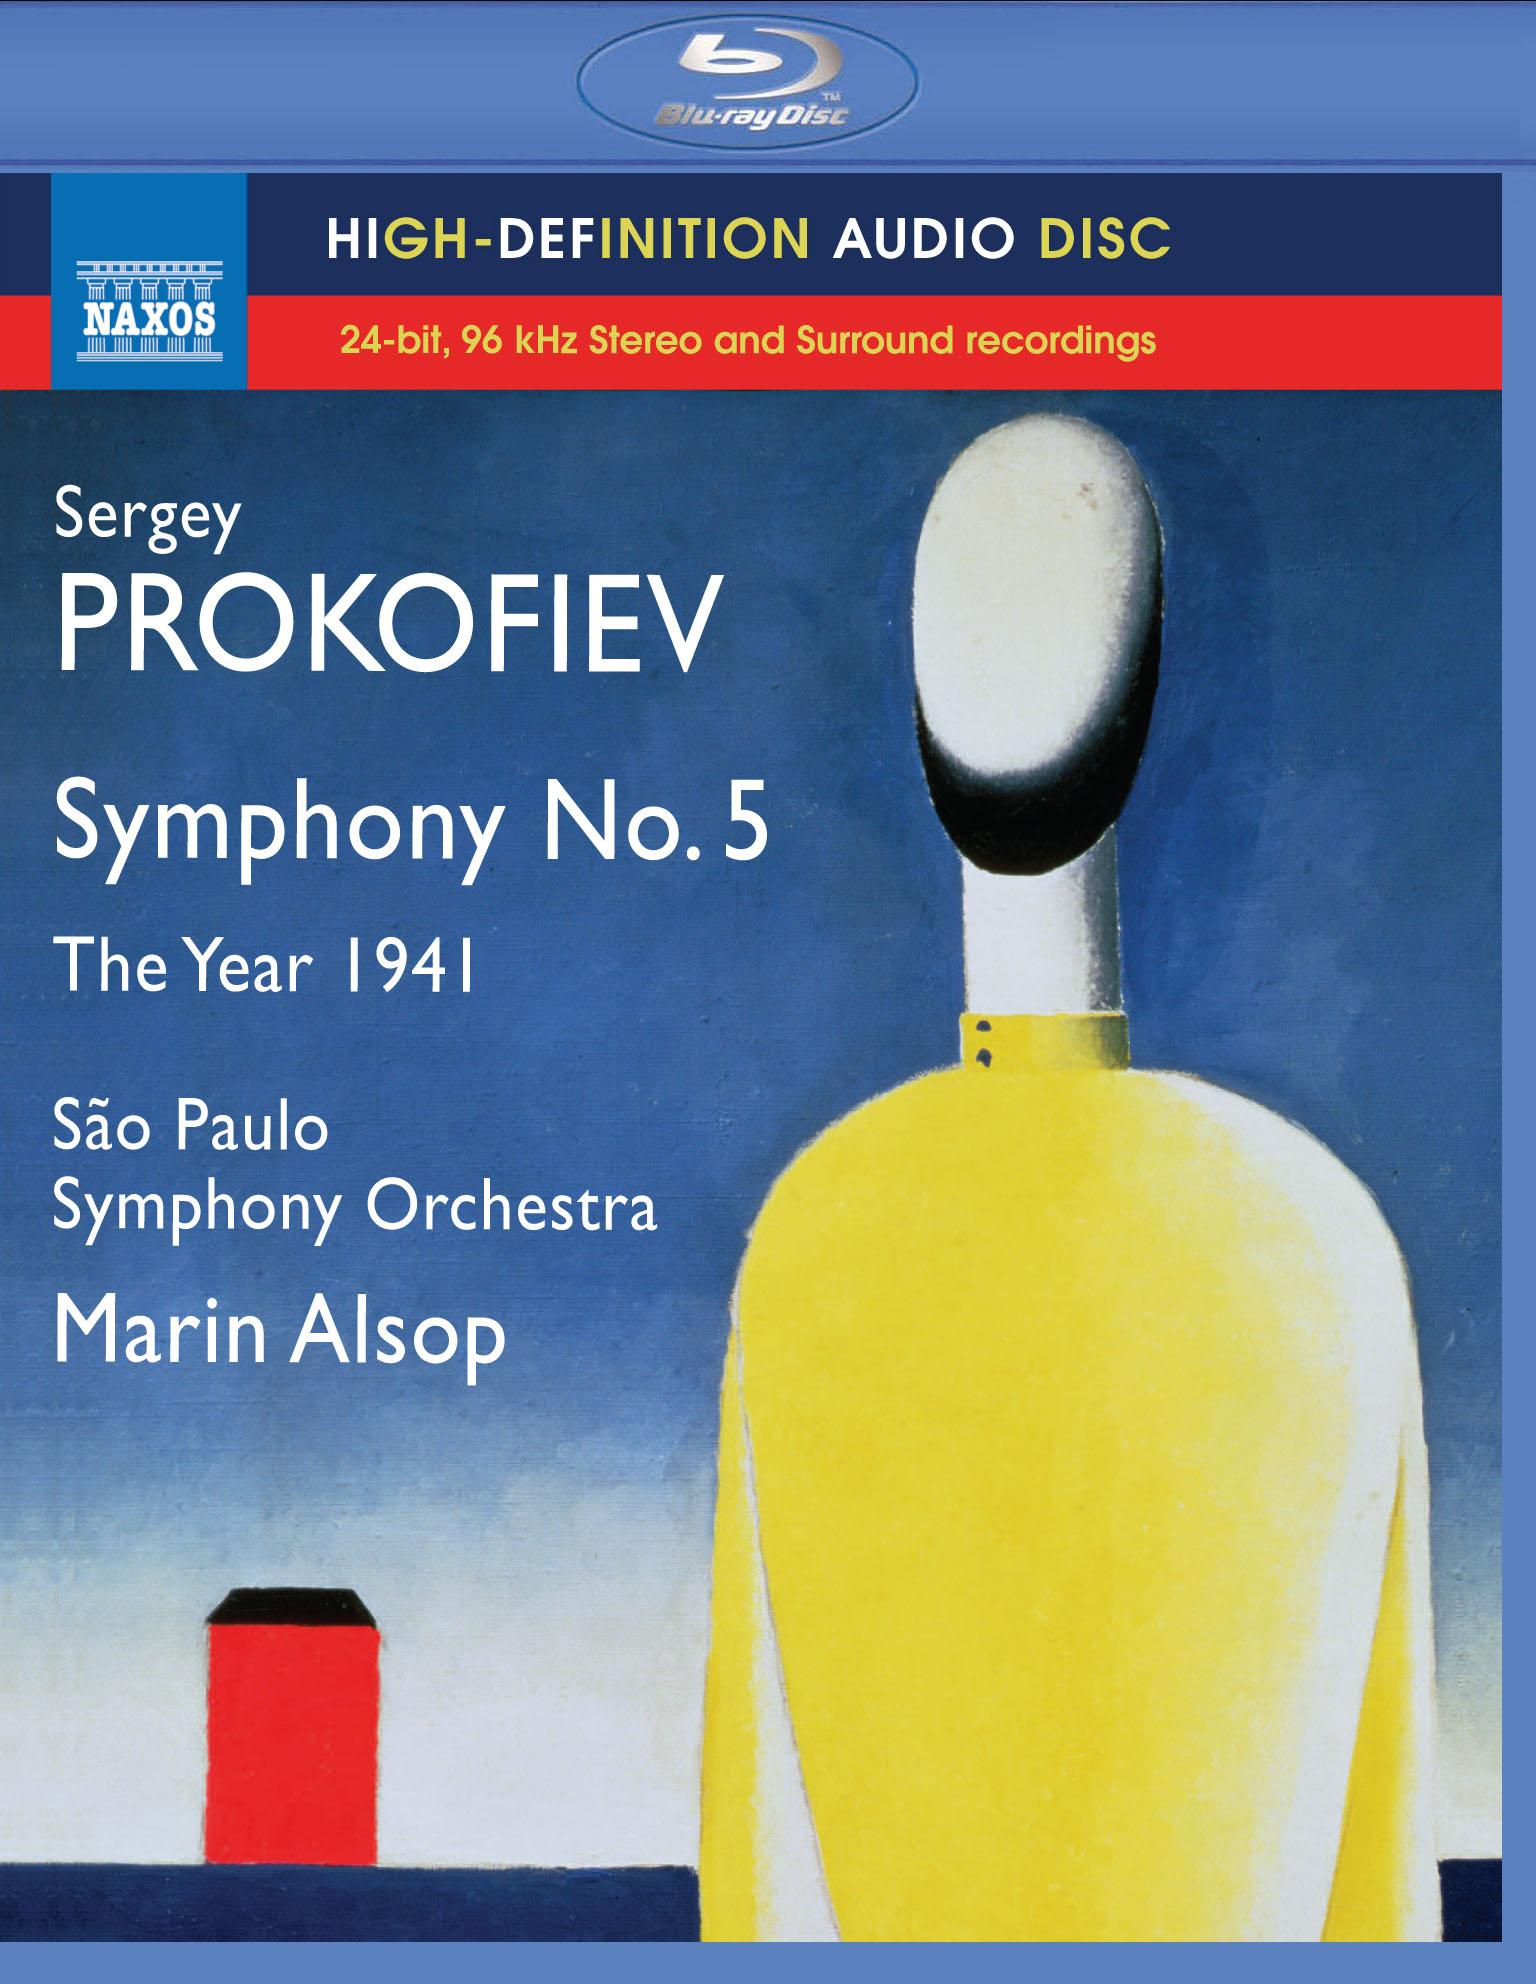 Sao Paulo Symphony Orchestra: Prokofiev - Symphony No. 5